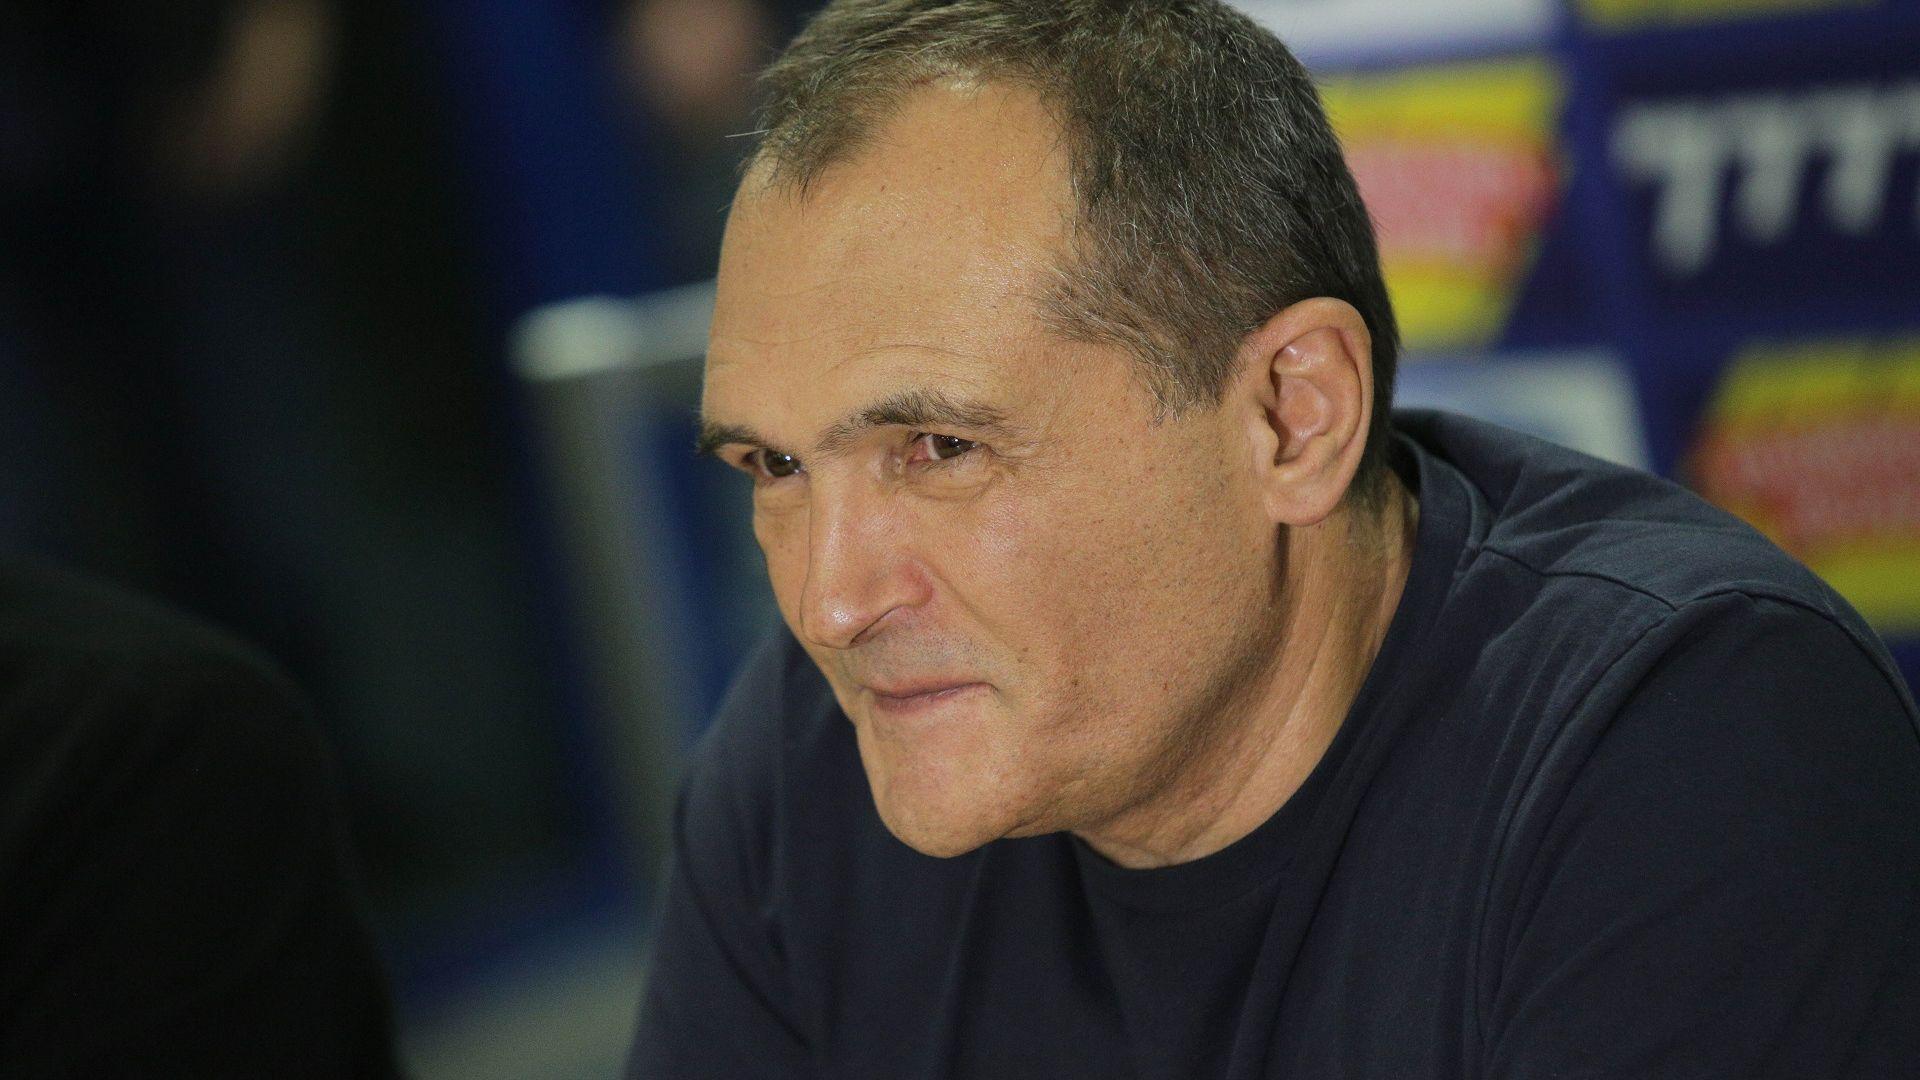 Васил Божков пита къде са му парите, Цветомир Найденов отговаря